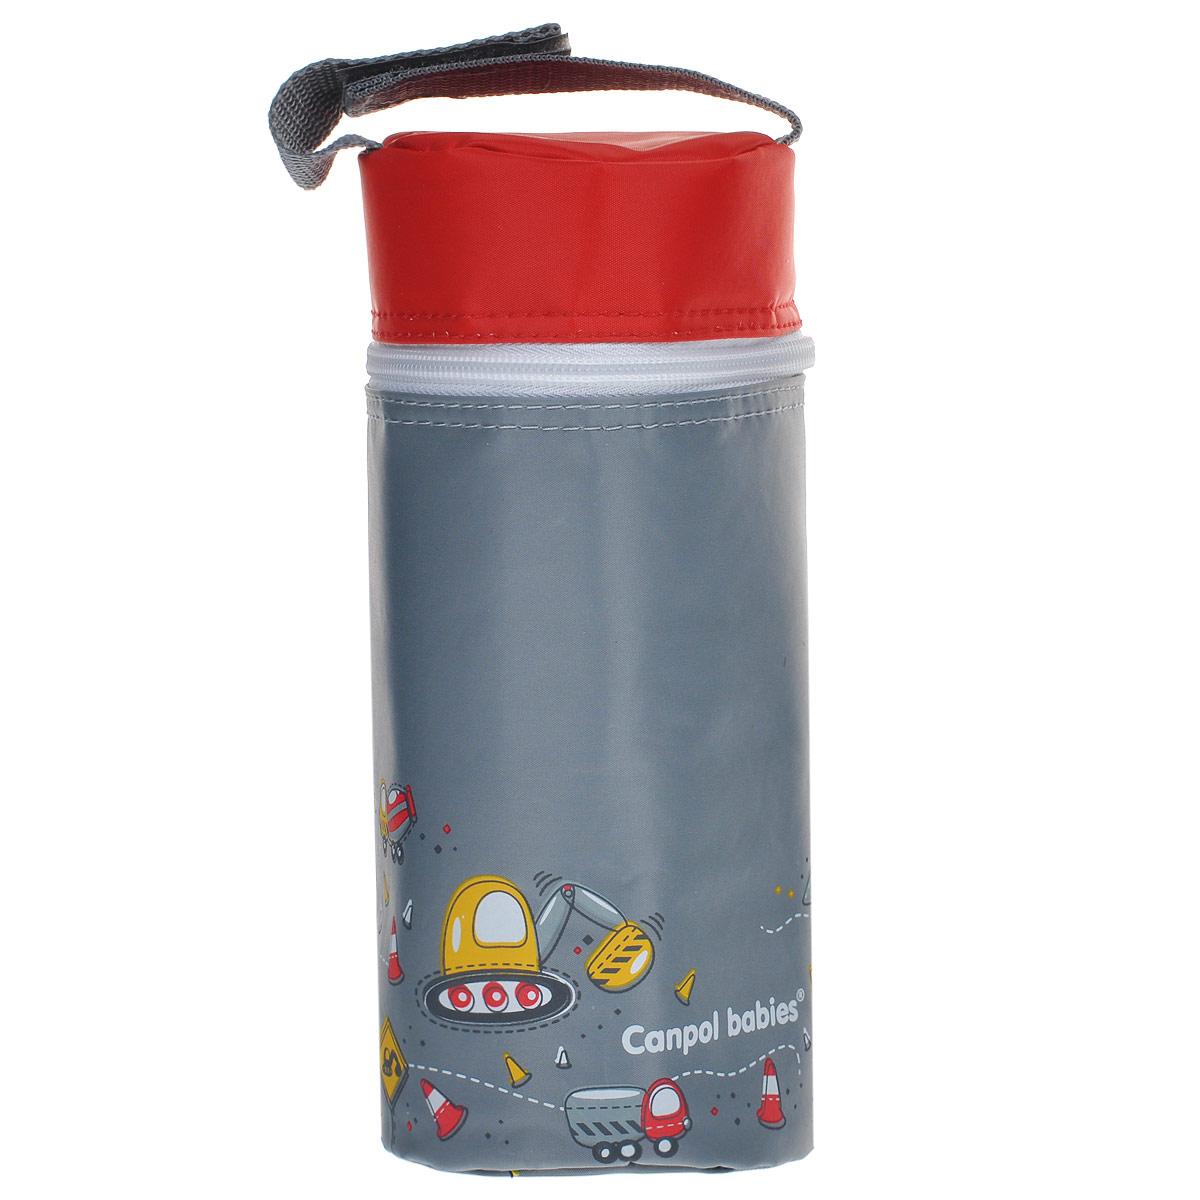 Canpol Babies Термоконтейнер для фигурной бутылочки цвет серый69/003_серыйТермоконтейнер для фигурной бутылочки Canpol Babies серого цвета предназначен для хранения охлажденного напитка или теплой молочной смеси в бутылочке, поэтому является необходимым аксессуаром во время поездок или прогулок. В зависимости от температуры питания и атмосферных условий термоконтейнер может удерживать температуру до трех часов. Внешняя поверхность изделия выполнена из долговечного, нетоксичного и моющегося материала, а с внутренней стороны заполнена термоизолирующей пленкой, которая замедляет процесс охлаждения/нагревания питания. Оформлен термоконтейнер забавными рисунками с дорожной тематикой, закрывается на застежку-молнию. Благодаря удобной ручке, соединяющейся липучкой, его удобно носить с собой и пристегивать к коляске. Термоконтейнер подходит для всех типов бутылочек.